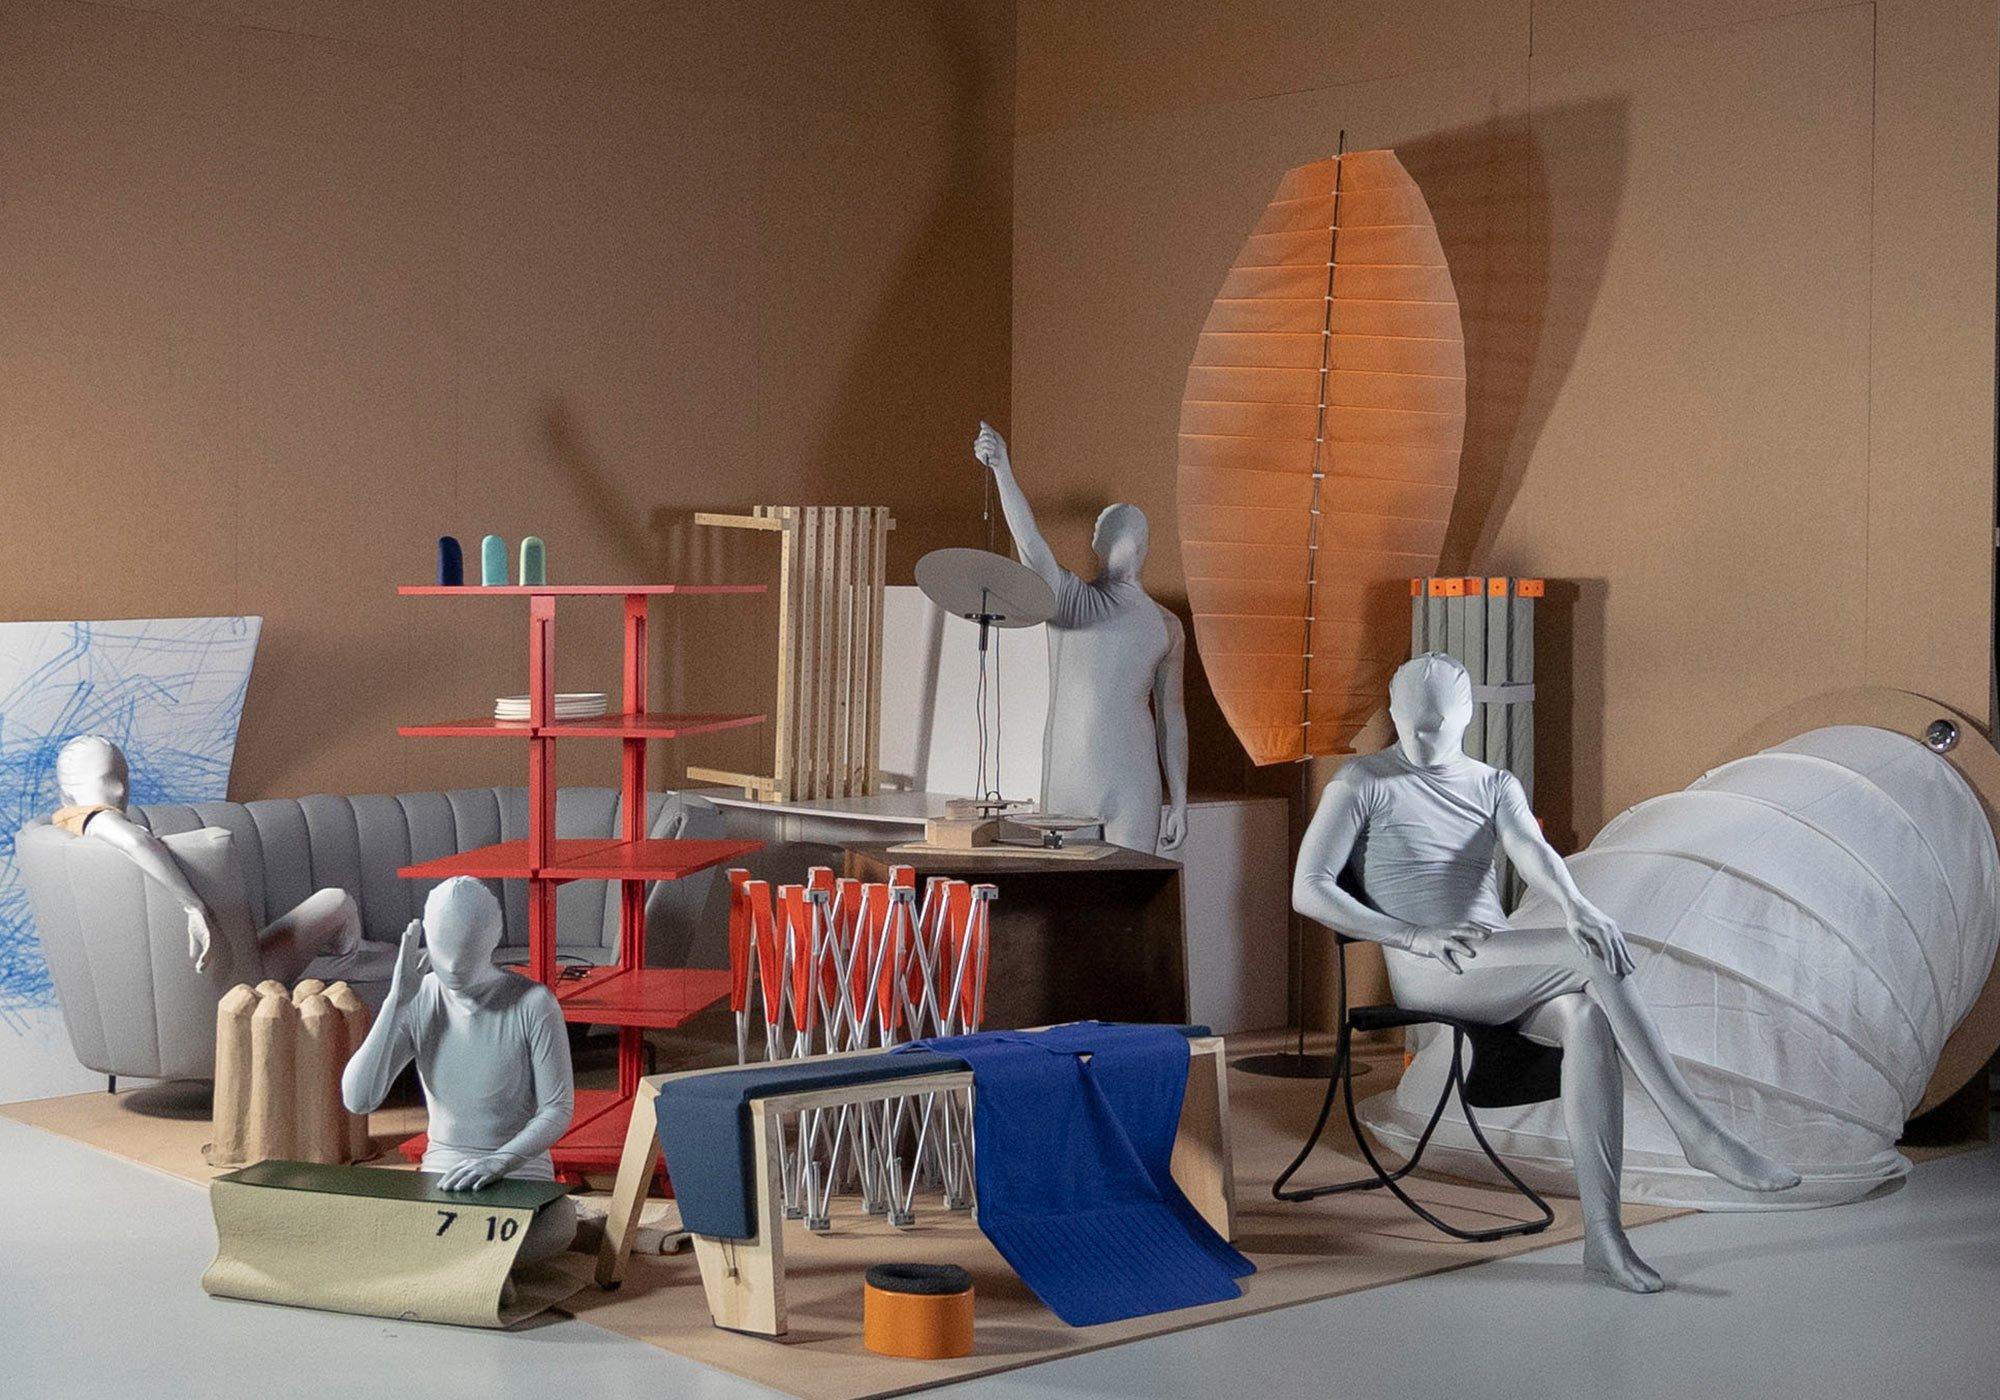 Ausstellung Workspace in Progress im Kölner Museum für angewandte Kunst